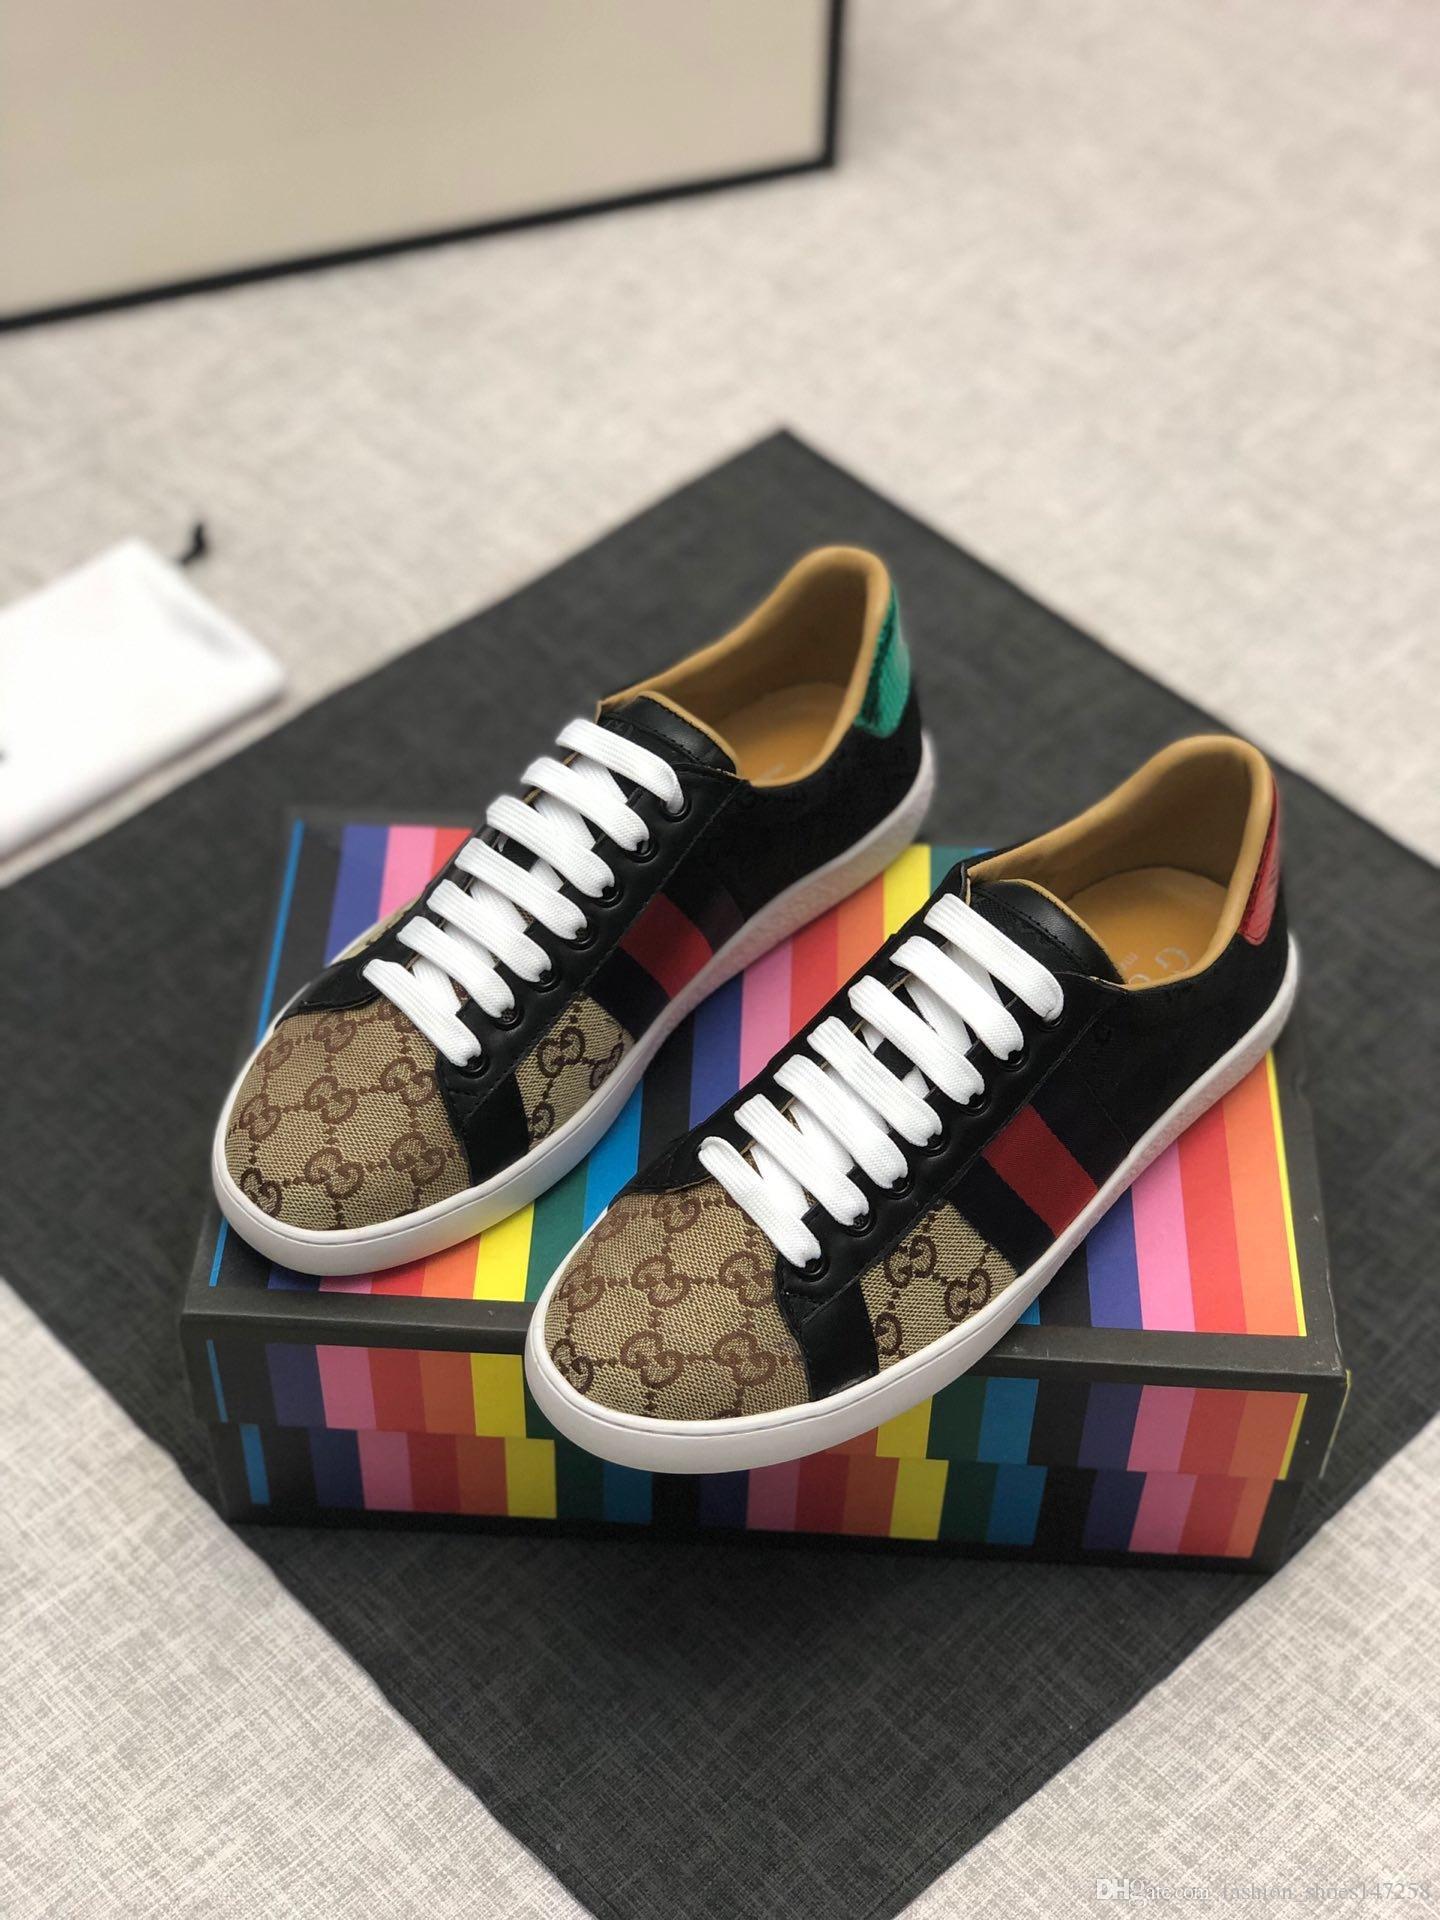 2020 nouvelles chaussures de sport occasionnels quotidiens hommes SR chaussures de sport pour hommes de haute qualité de conception de chaussures de sport de luxe pour hommes